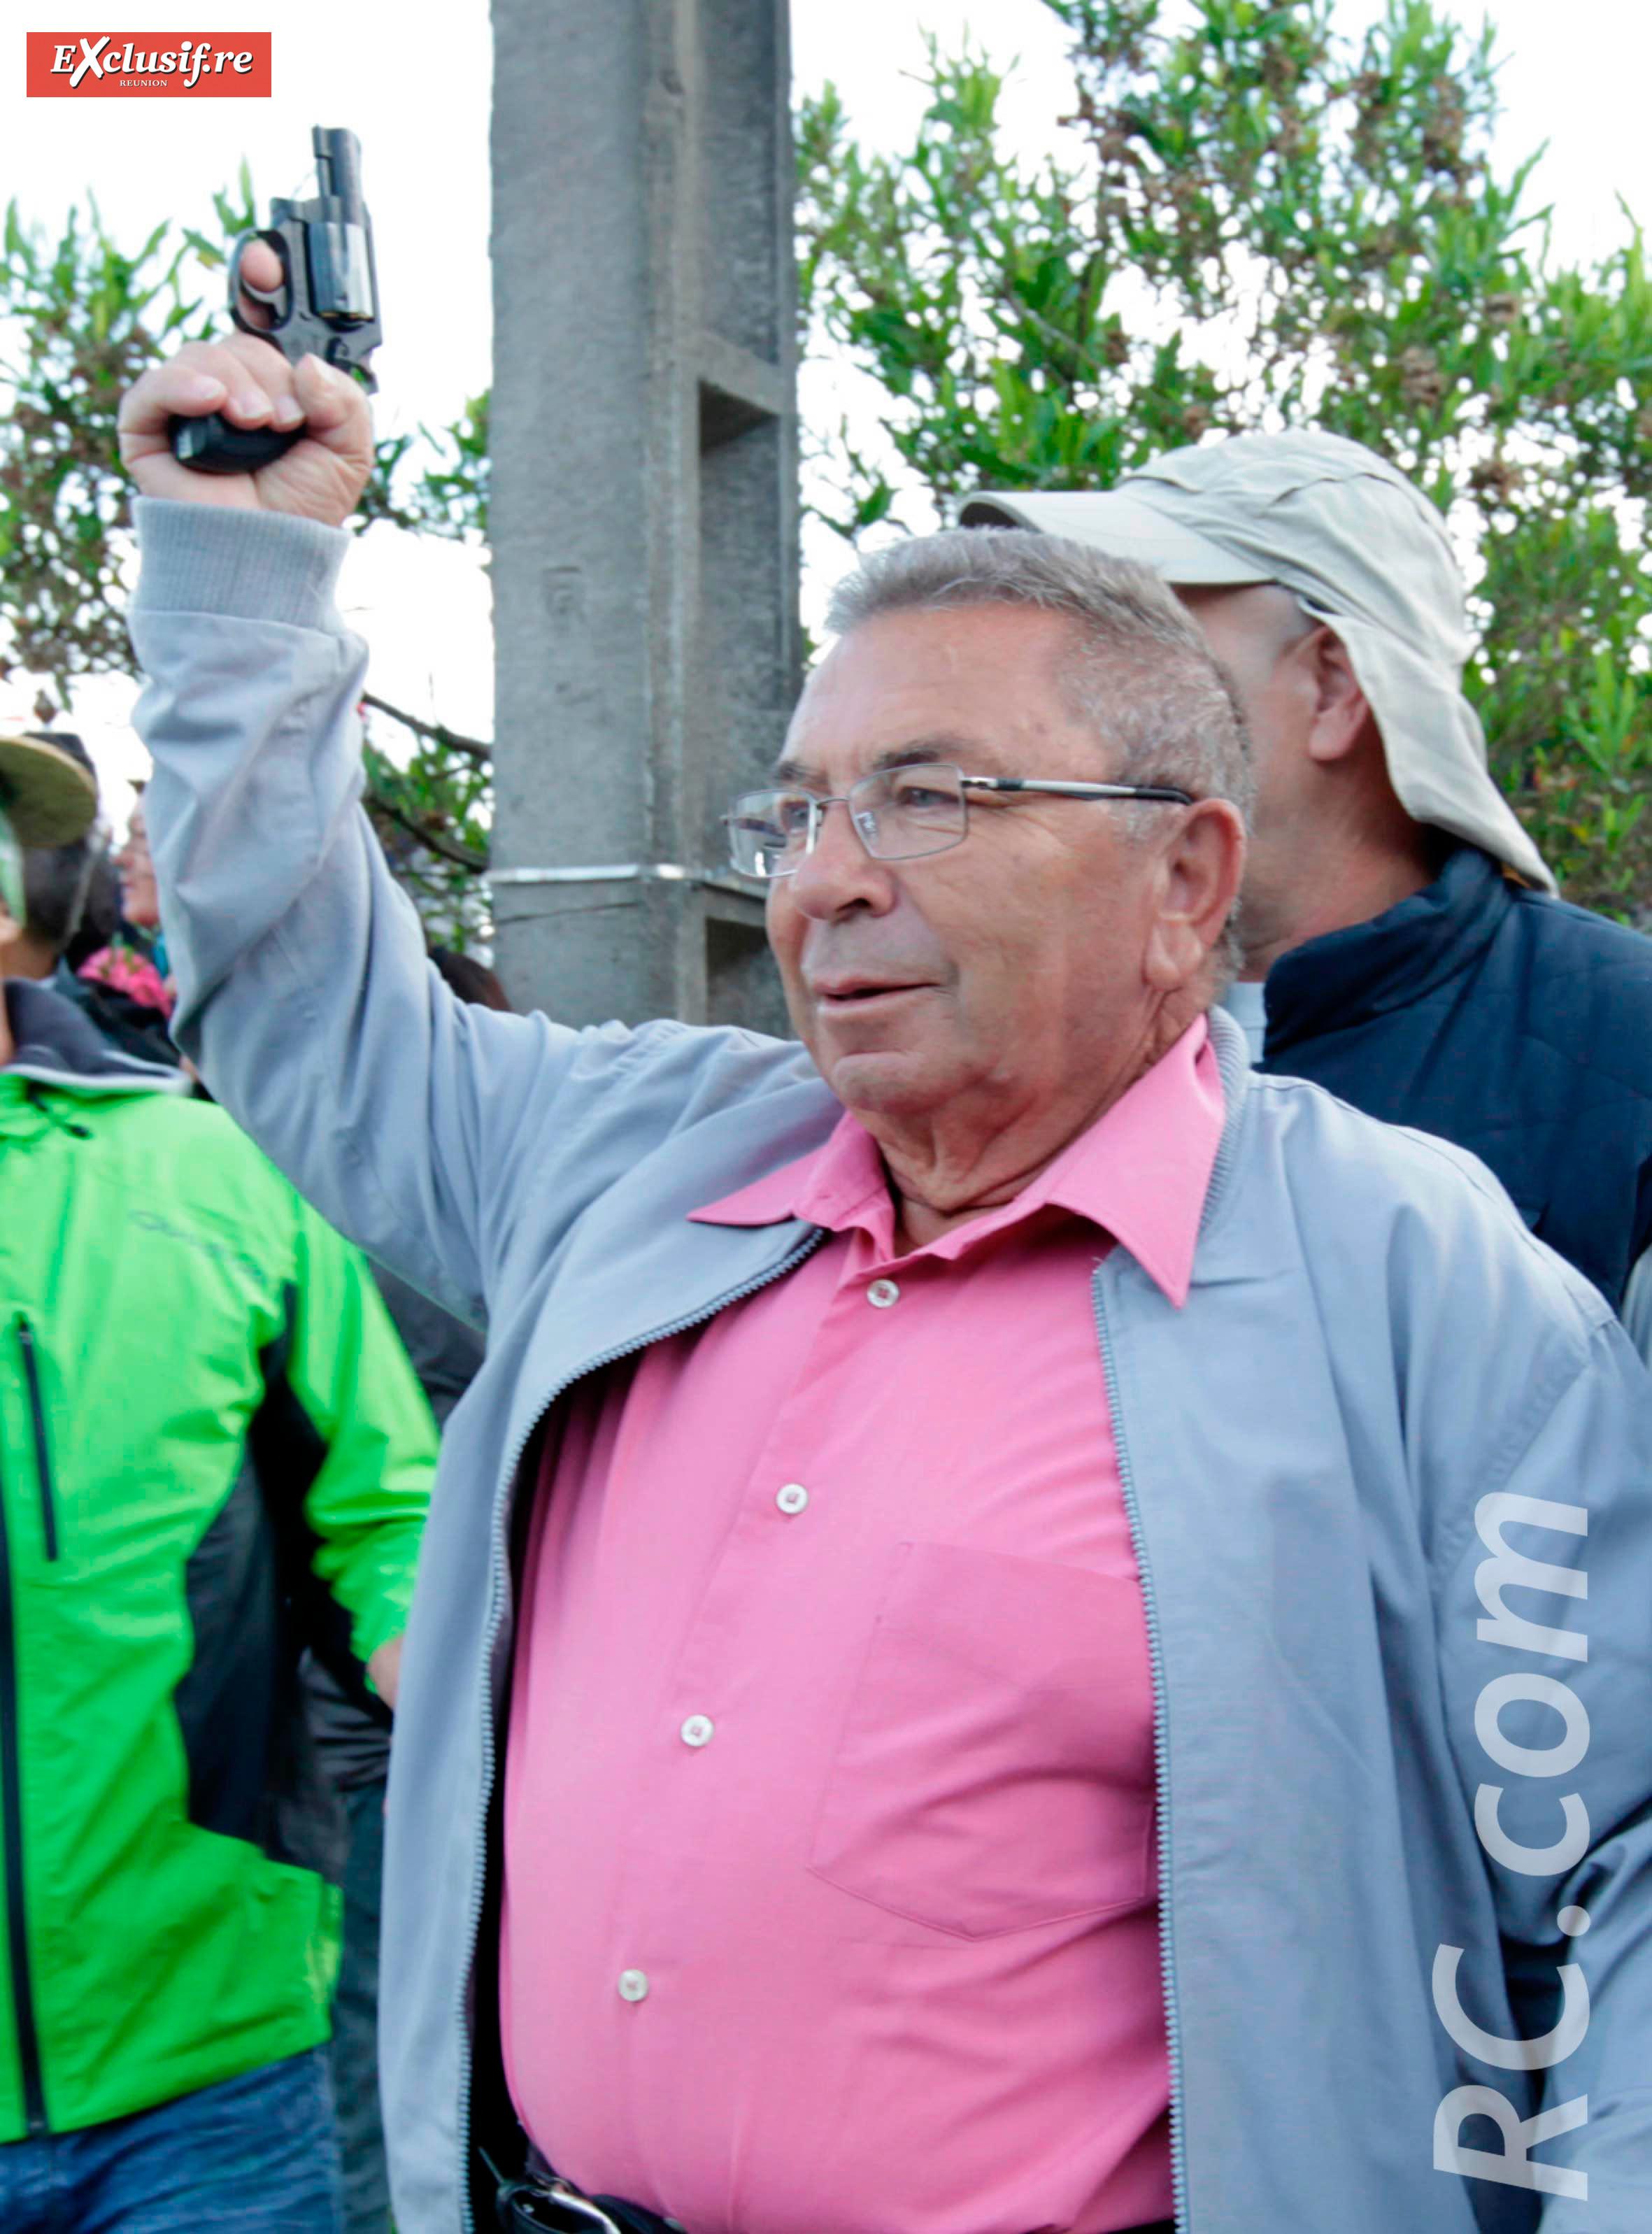 Jacques Picard avait donné le départ du Trail du Volcan 2015 en tant que parrain de la manifestation